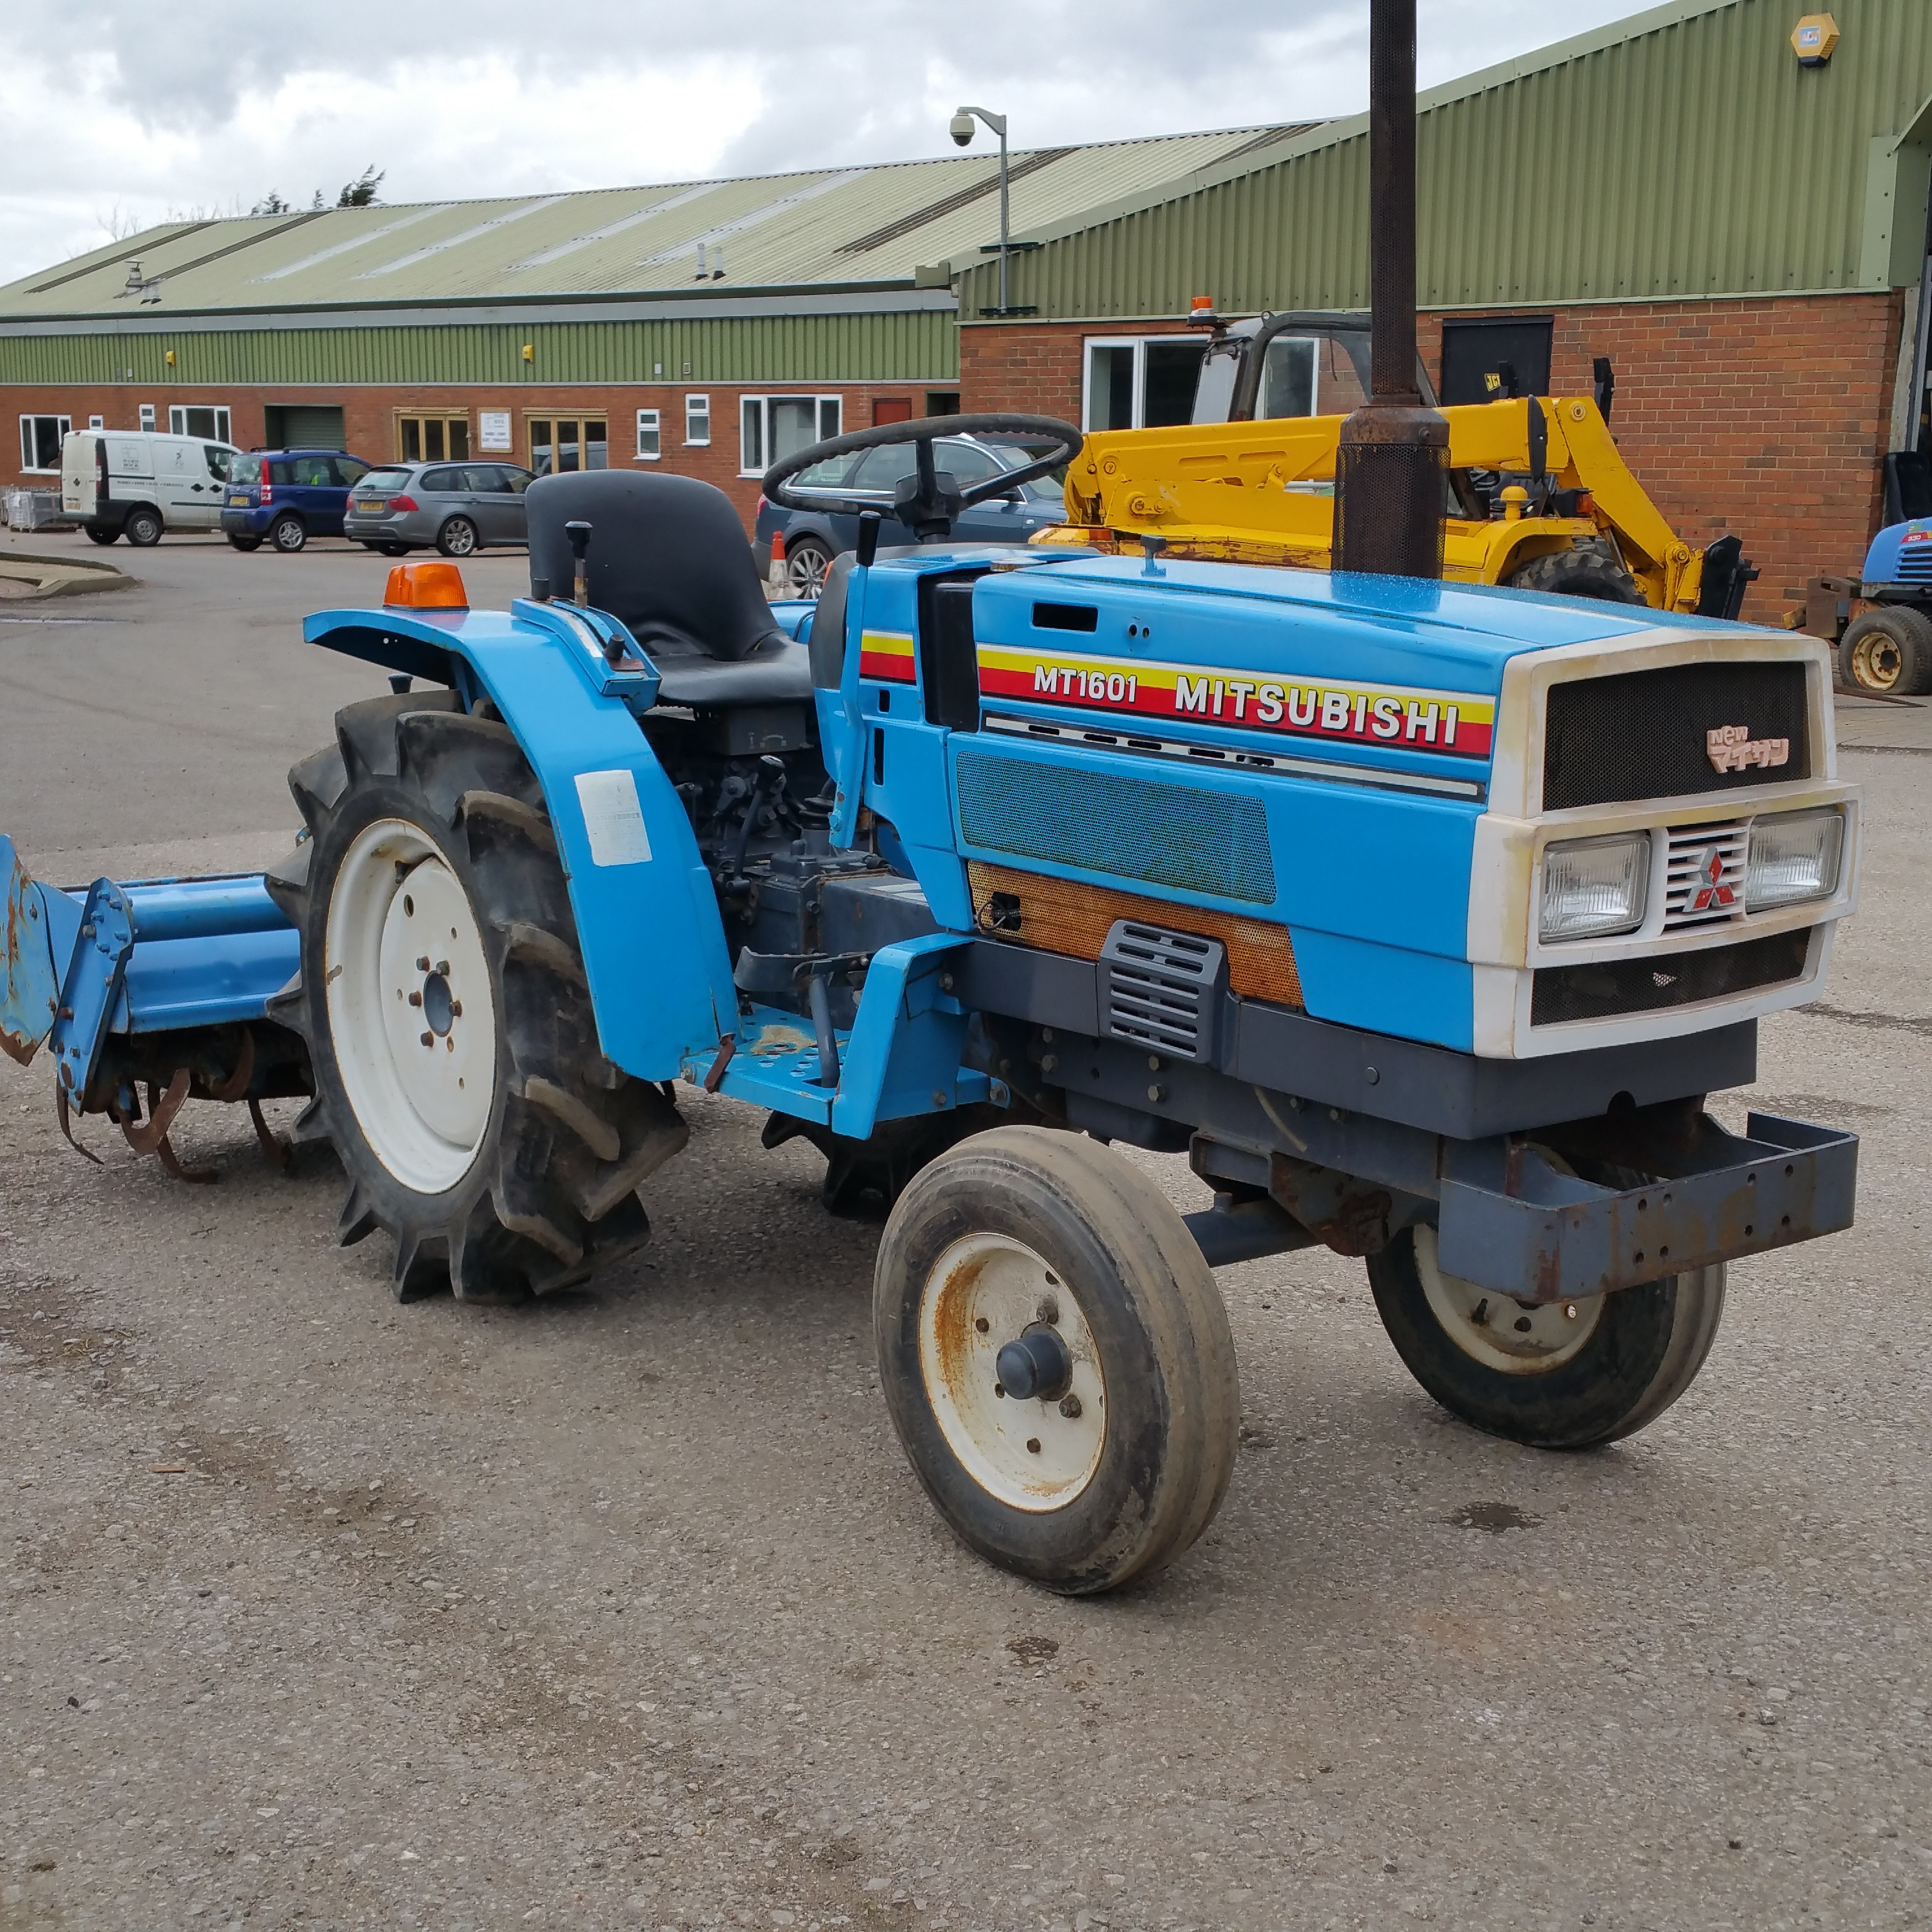 Mitsubishi Compact Tractors : Mitsubishi mt compact tractor hours cylinder